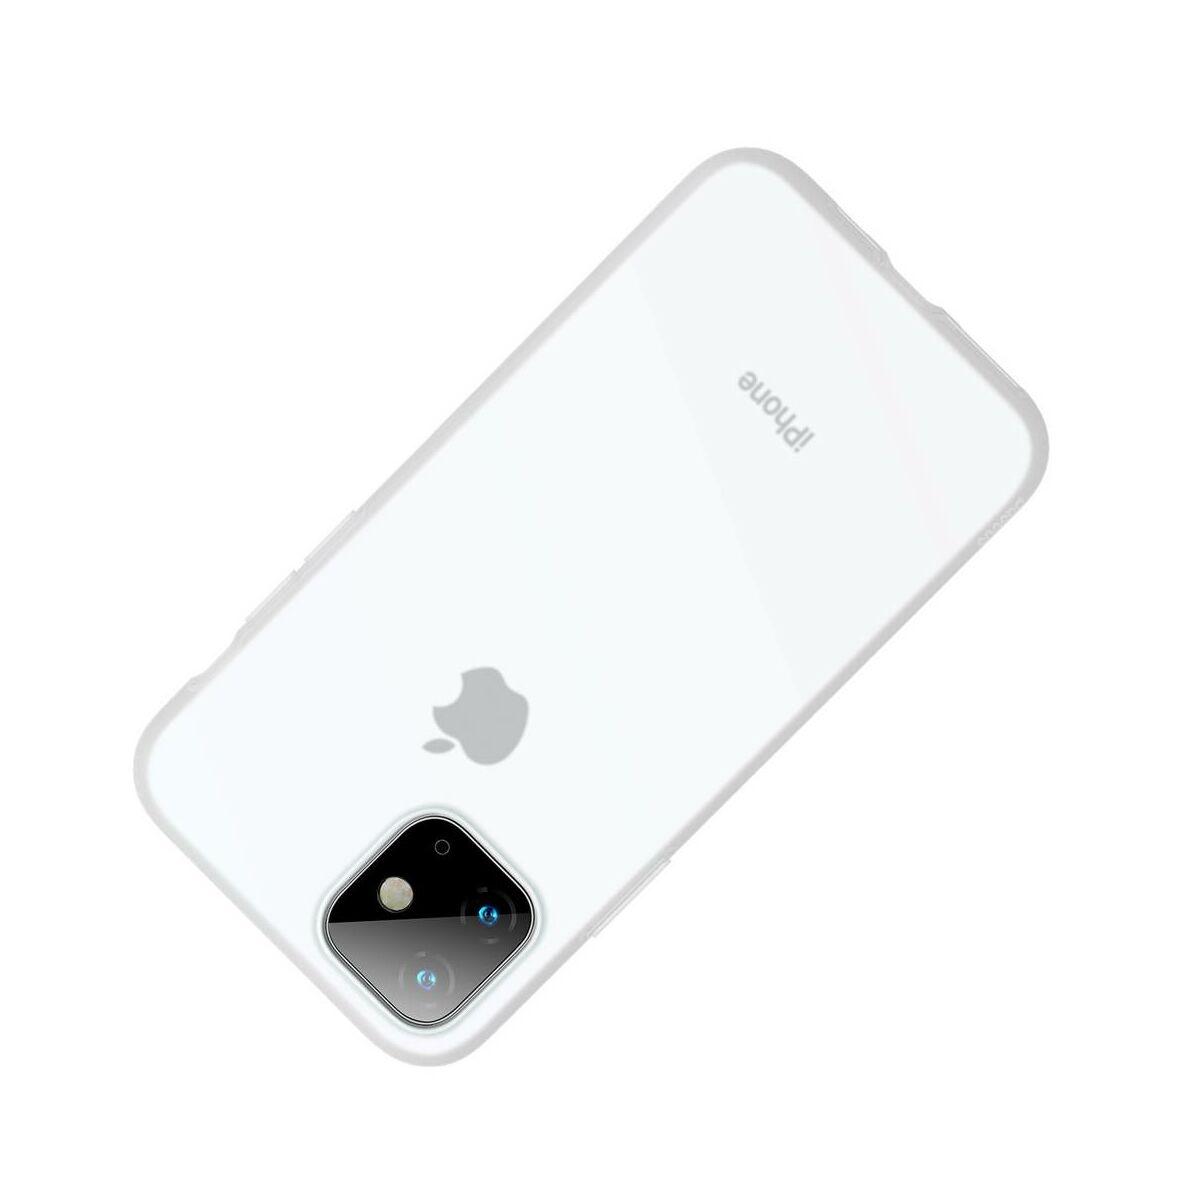 Baseus iPhone 11 tok, Jelly Liquid Silica Gel Protective, átlátszó fehér (WIAPIPH61S-GD02)